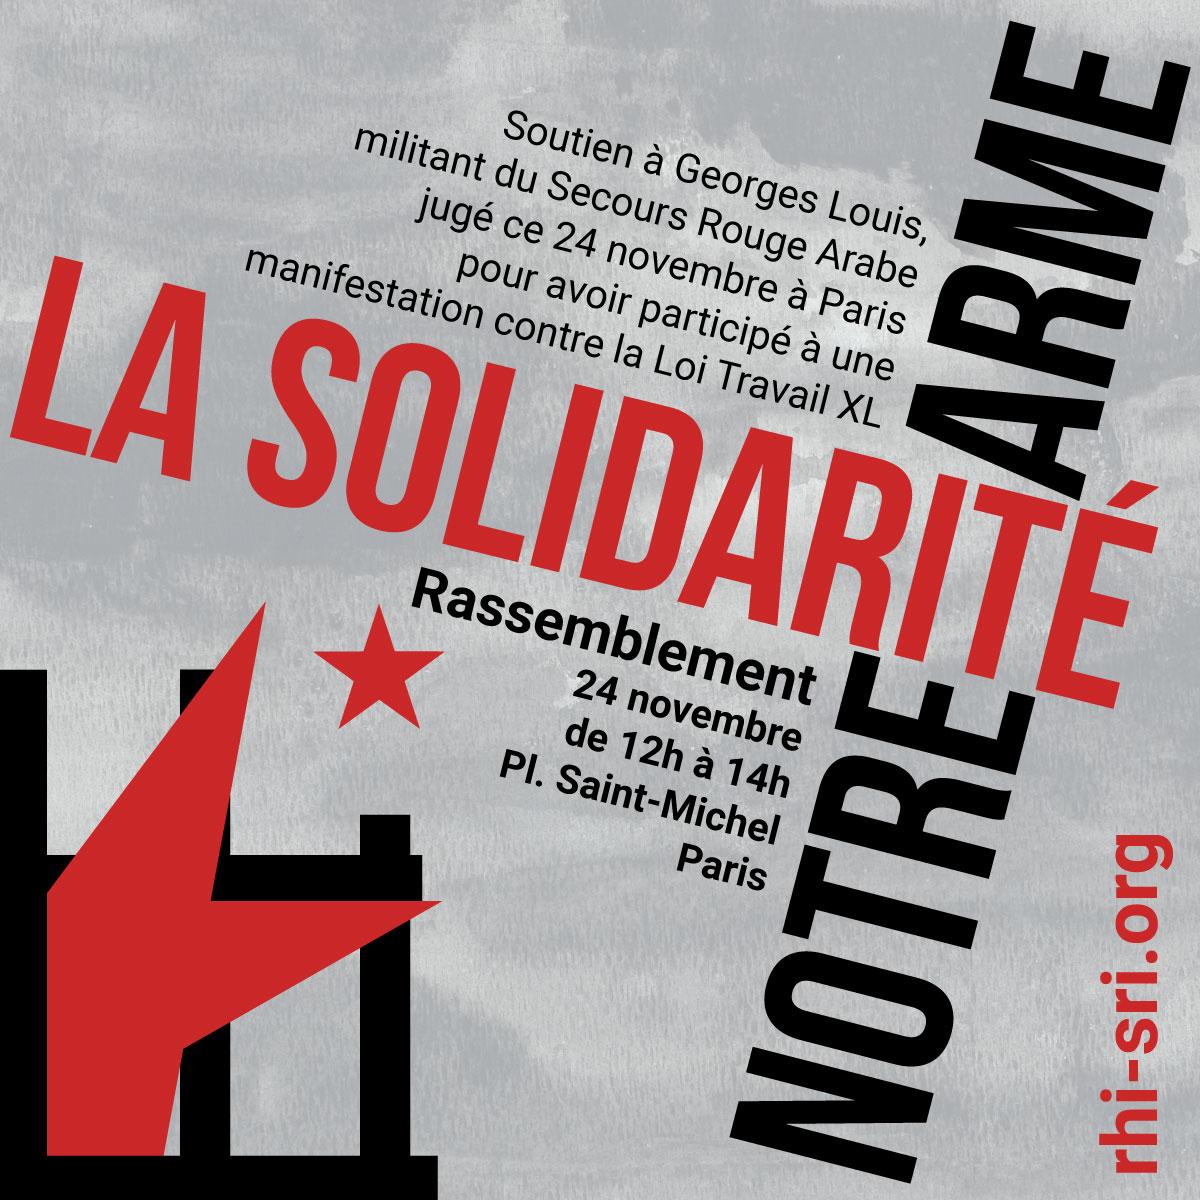 Solidarité avec Georges Louis, militant du Secours Rouge Arabe !